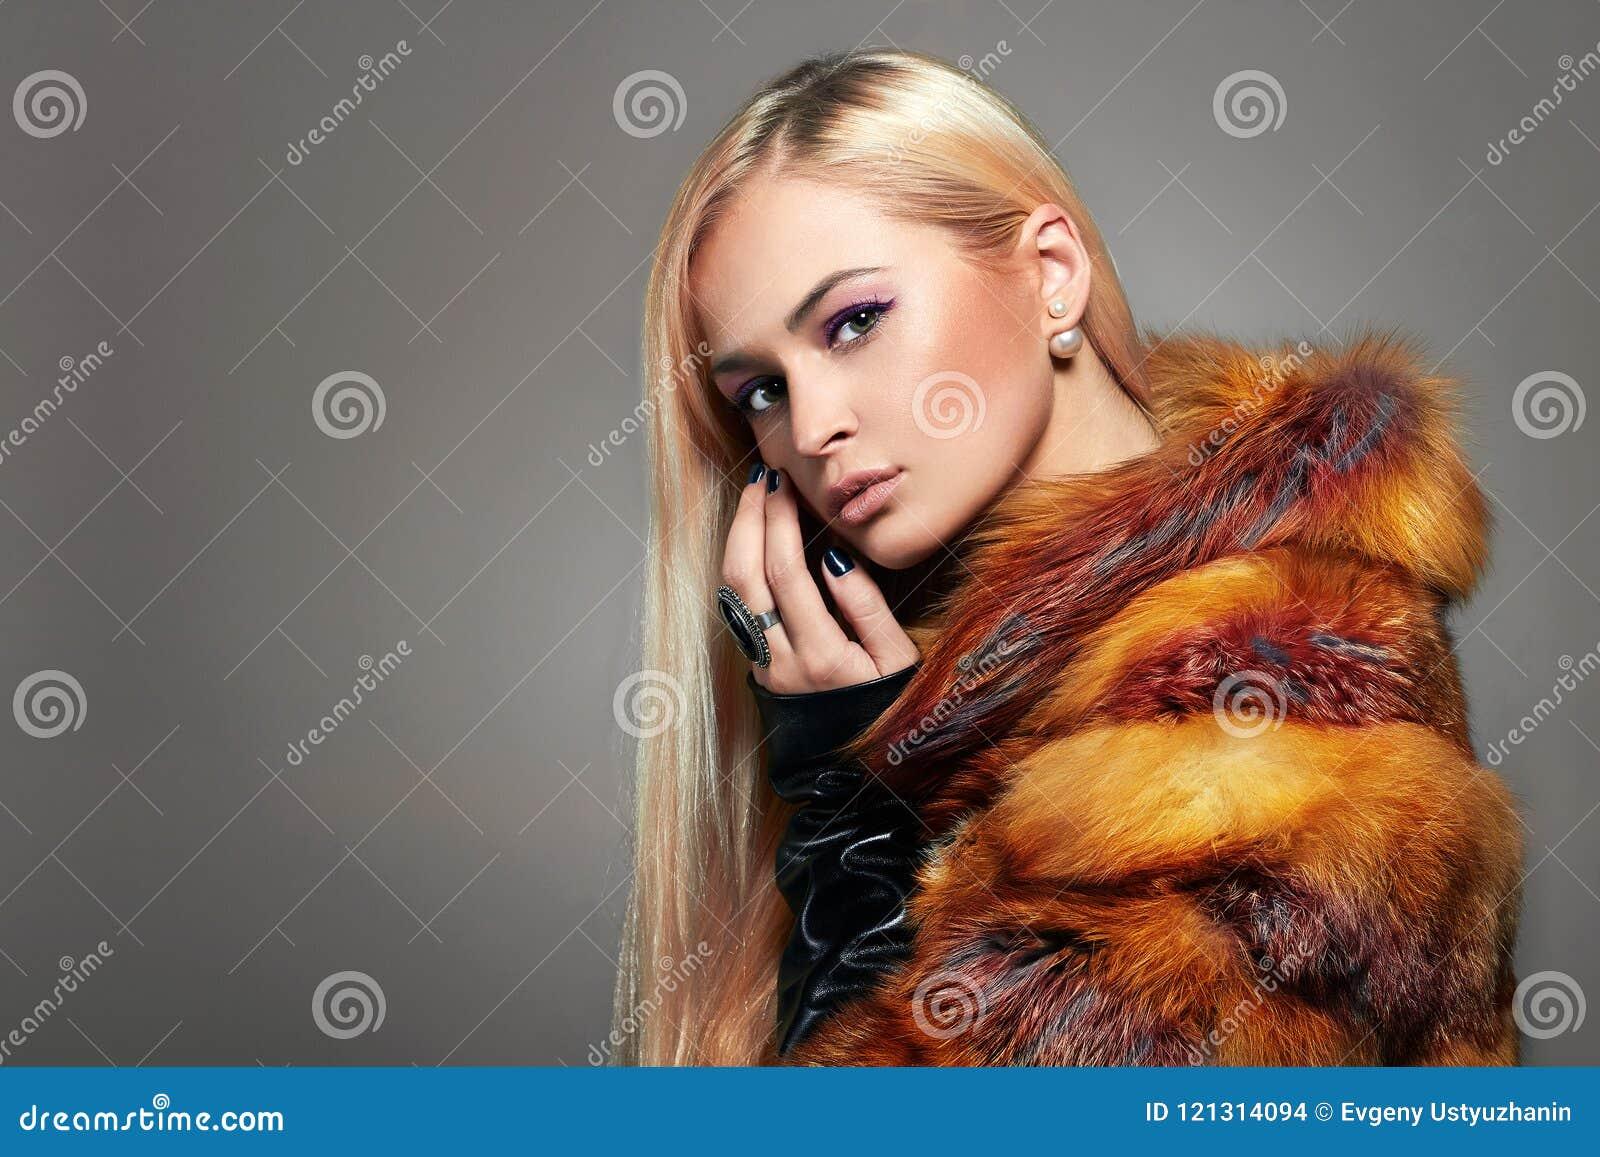 Piękna Blond dziewczyna w kolorowym futerku